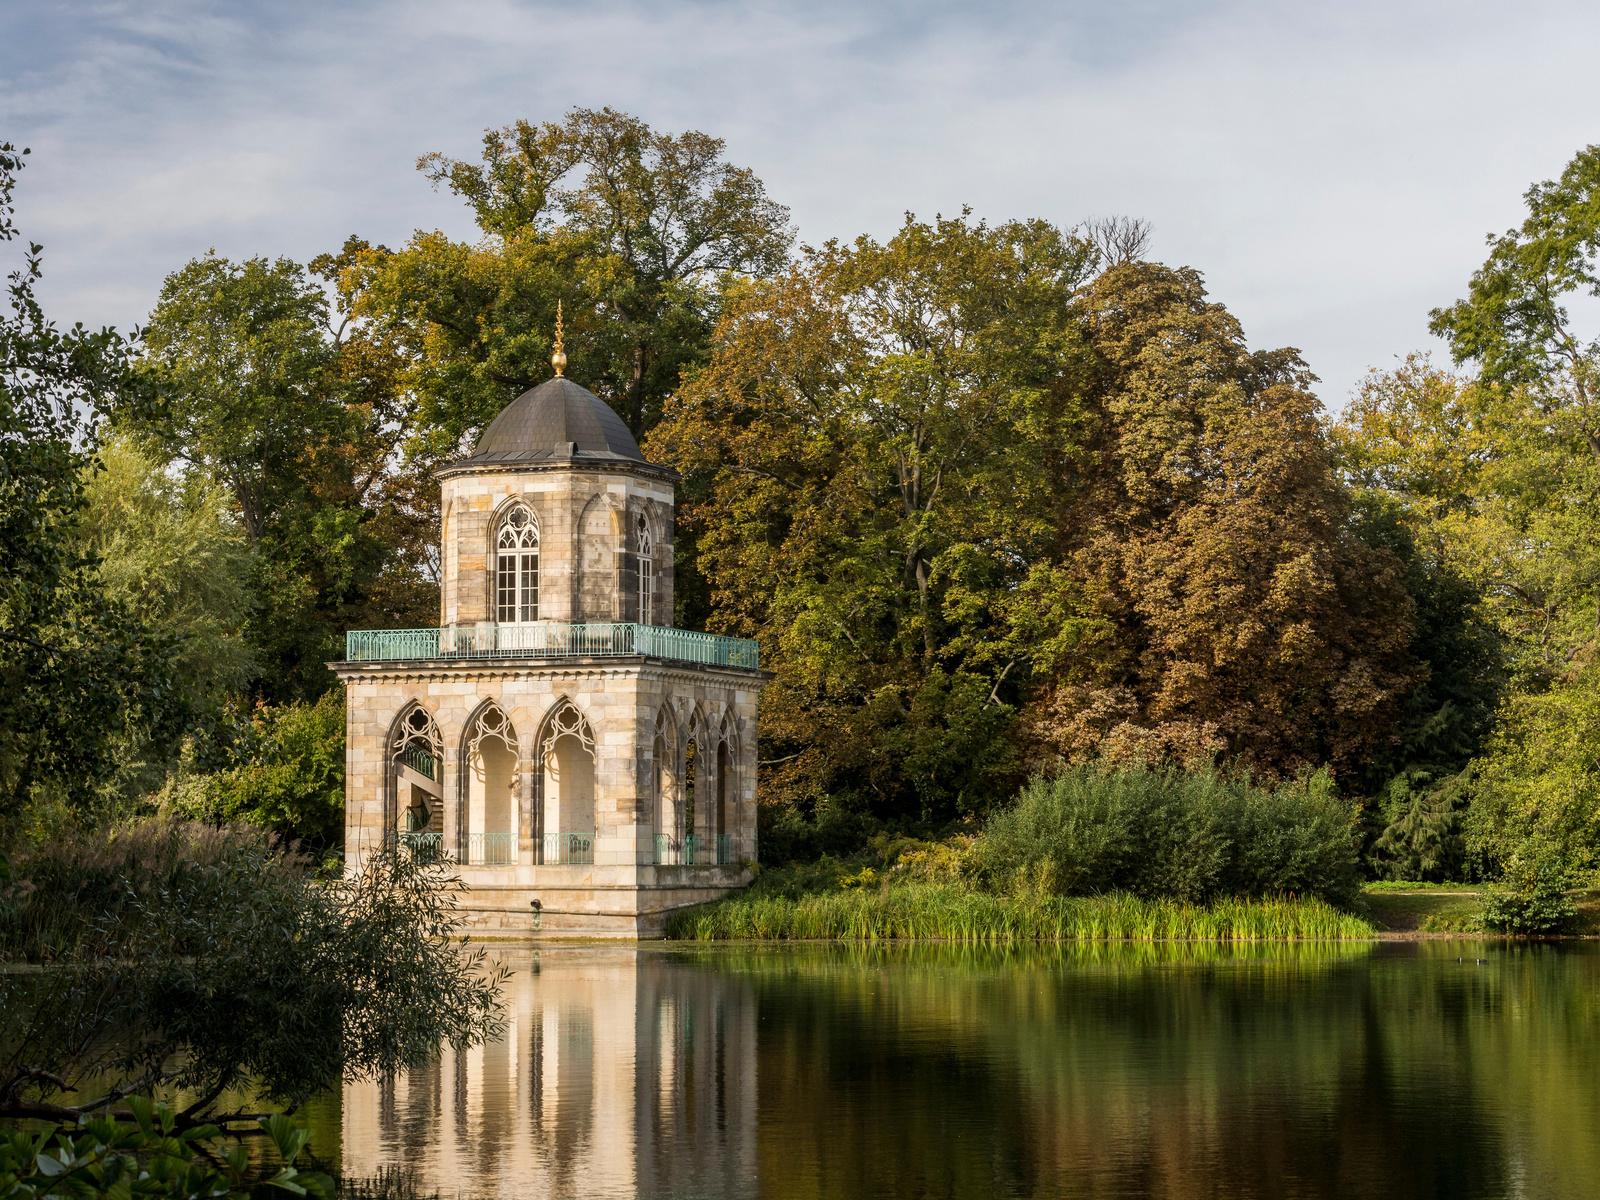 германия, потсдам, озеро, gotische bibliothek, деревья, библиотека, город